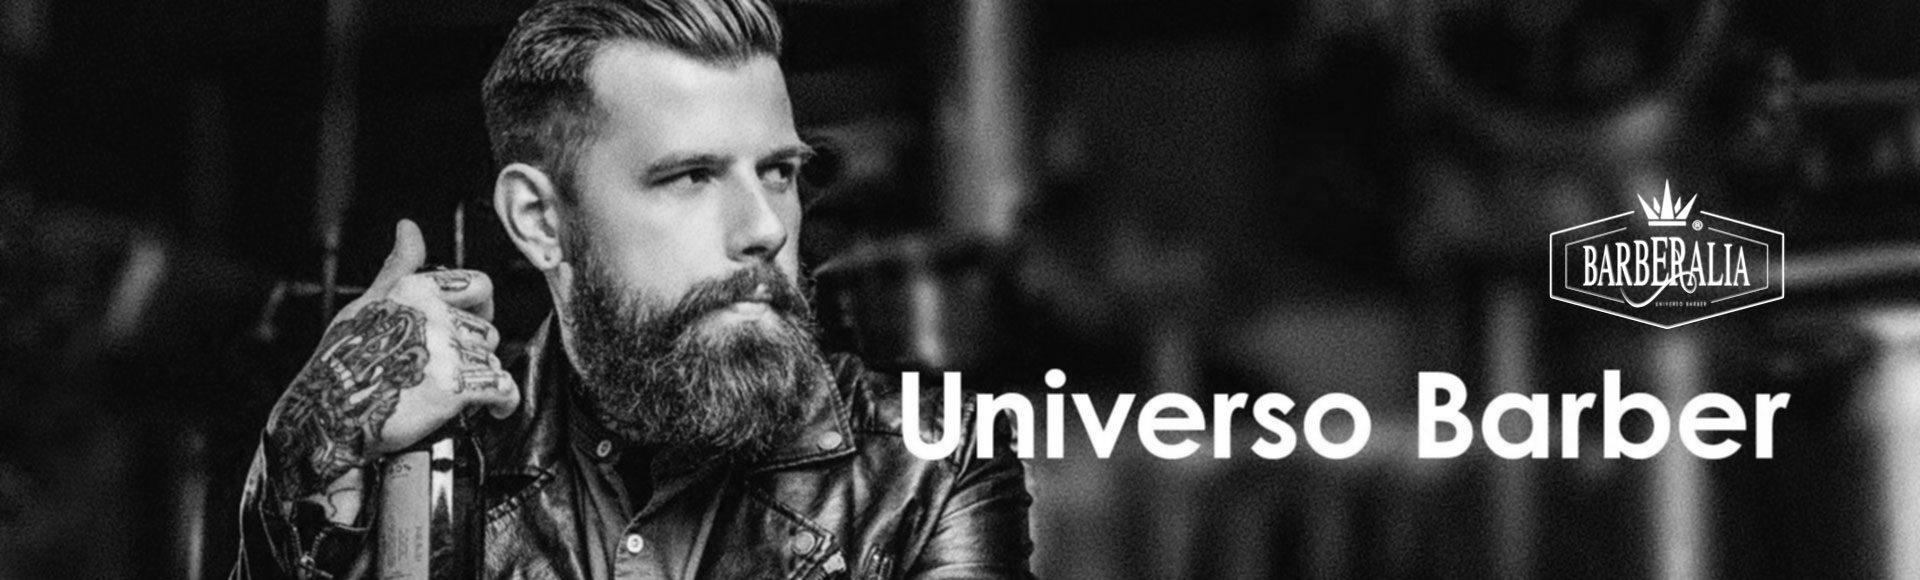 productos de barbería universo barber